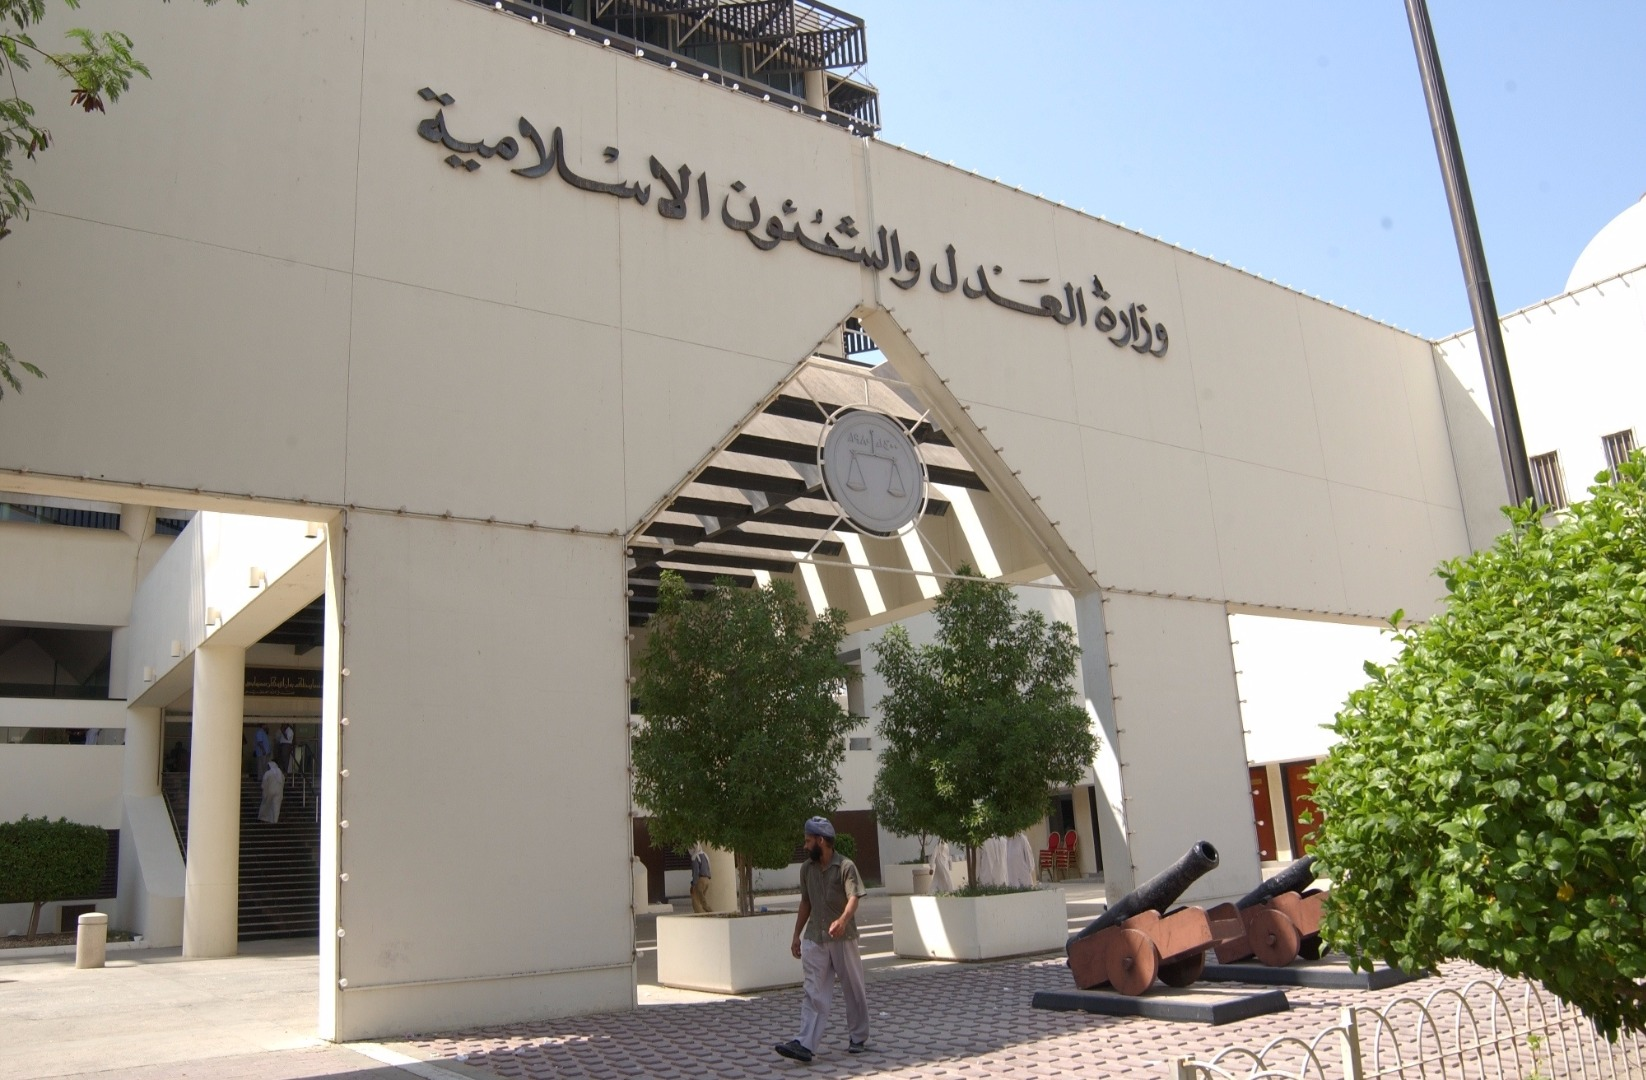 الكيان الخليفيّ يؤيد حكمًا بالمؤبّد والسجن 10 سنوات لمواطنين على خلفيّة سياسيّة